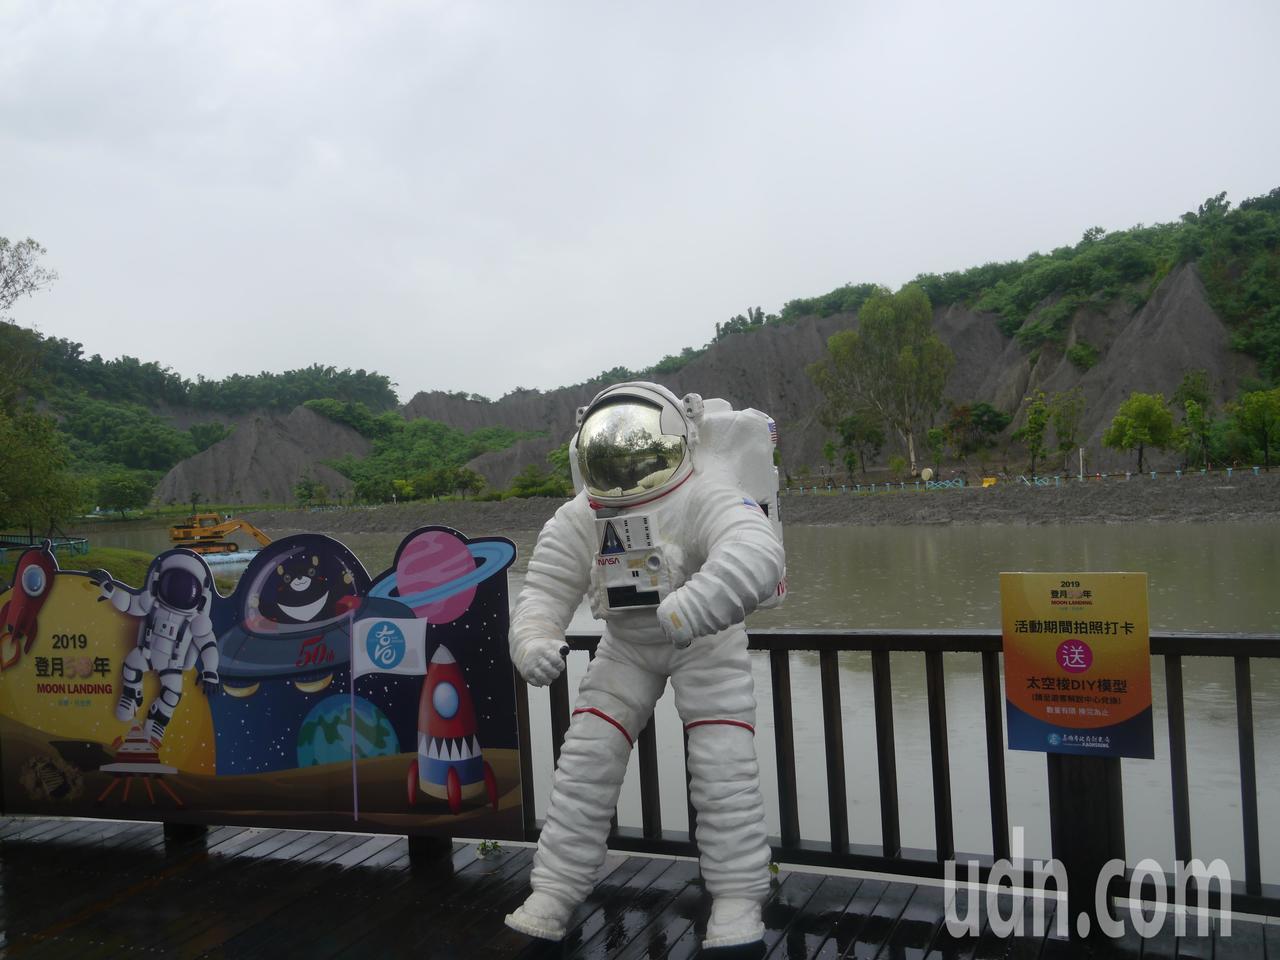 高雄「月世界風景區」與月球相似度十分高,環湖棧道上設置太空人與火箭,遊客可以拍照...